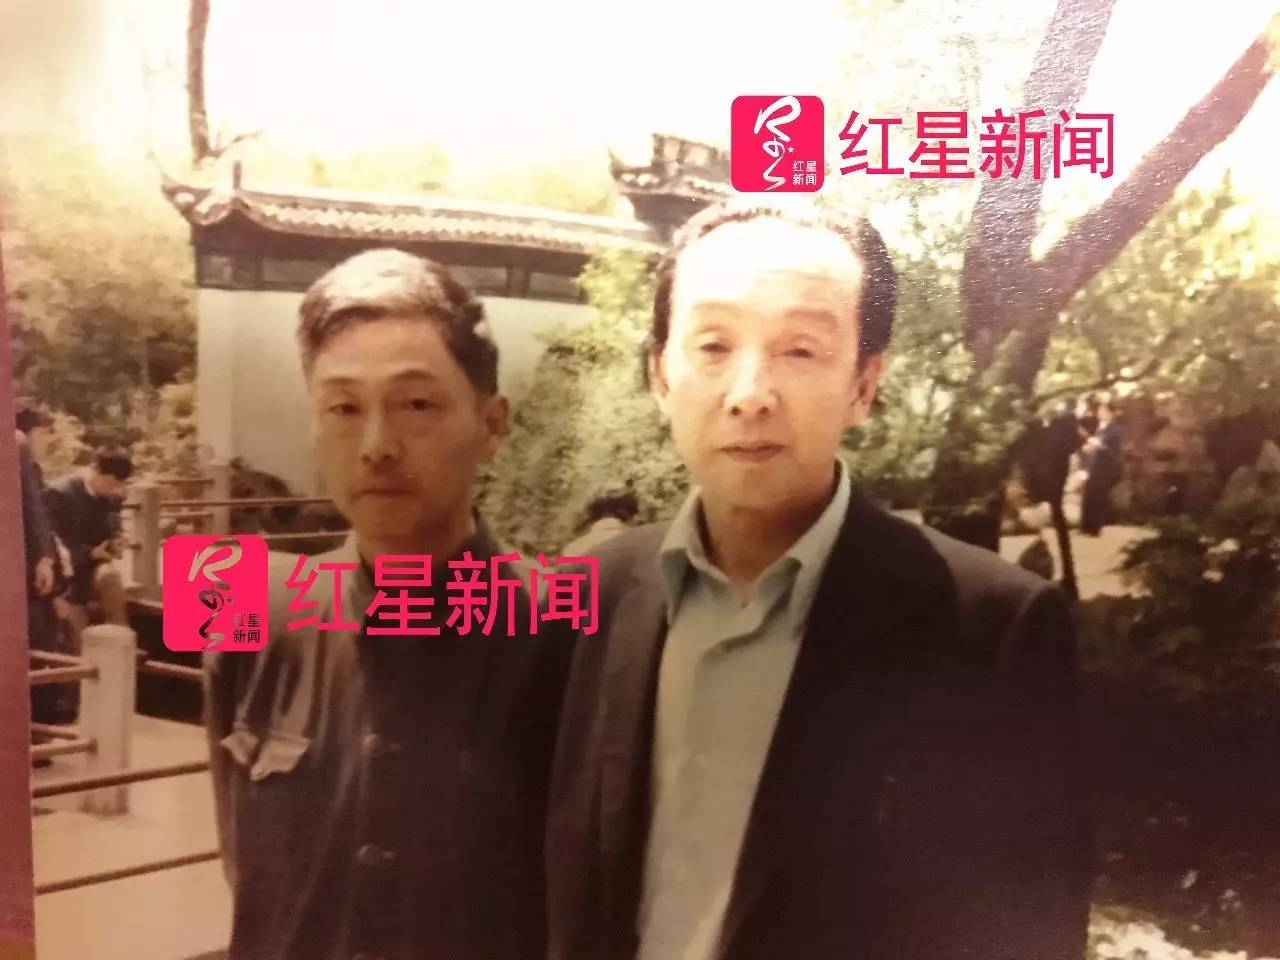 ▲陈乾康和大哥陈洽群的昔日合影 图片来源:红星新闻